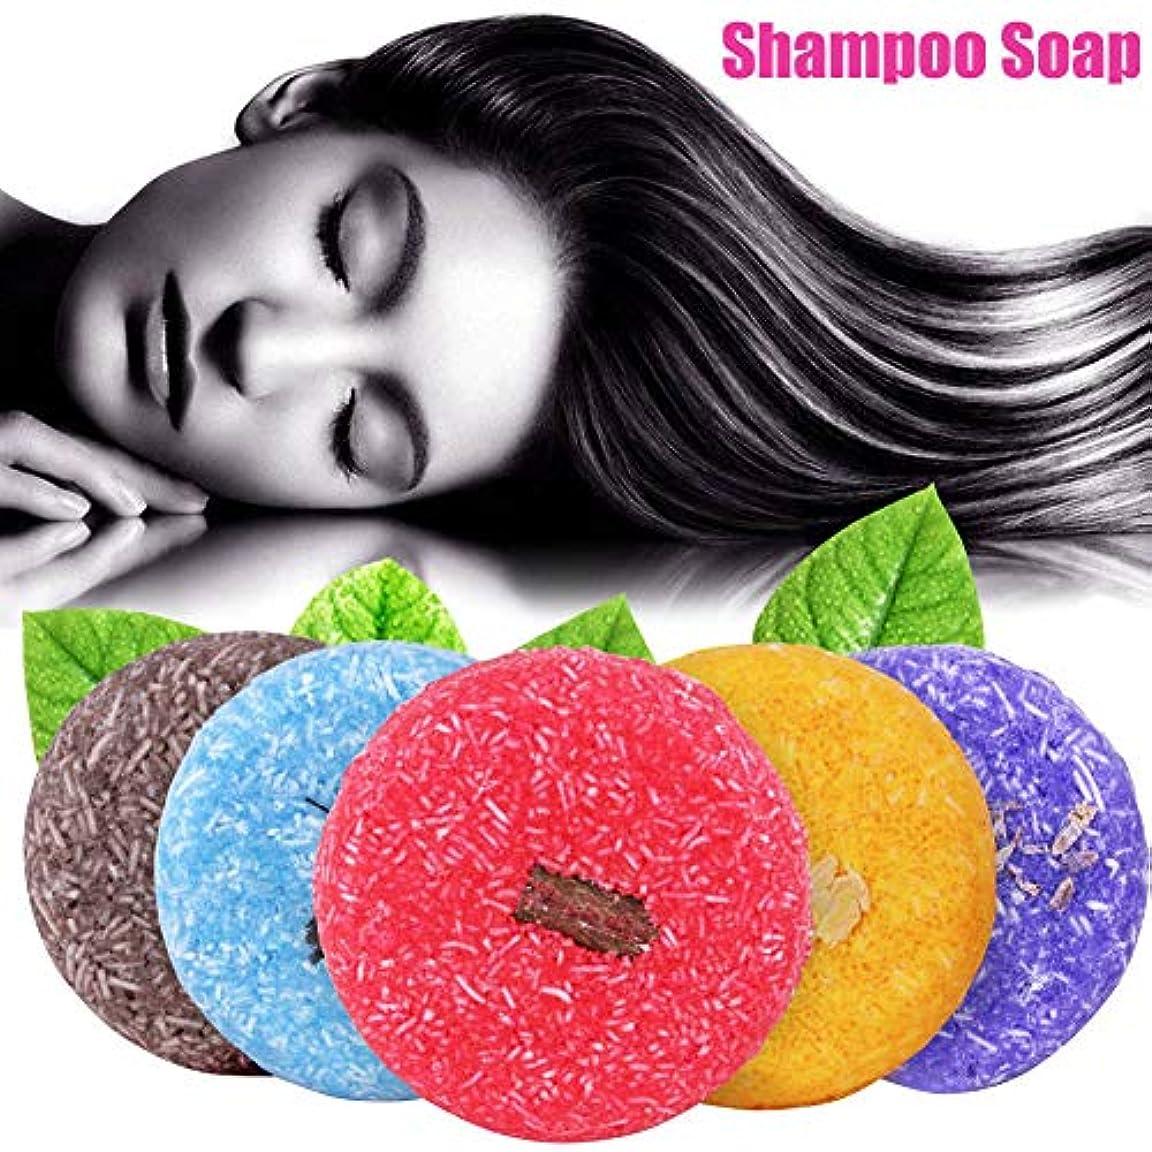 タブレット指定する嵐の石鹸 - Delaman 洗髪石鹸、シャンプー、頭皮ケア、ビューティ、クリームバー、センシティブマイルド、14種類、男女兼用 (Color : #6ミントシトラス(MINT CAMOMILE))